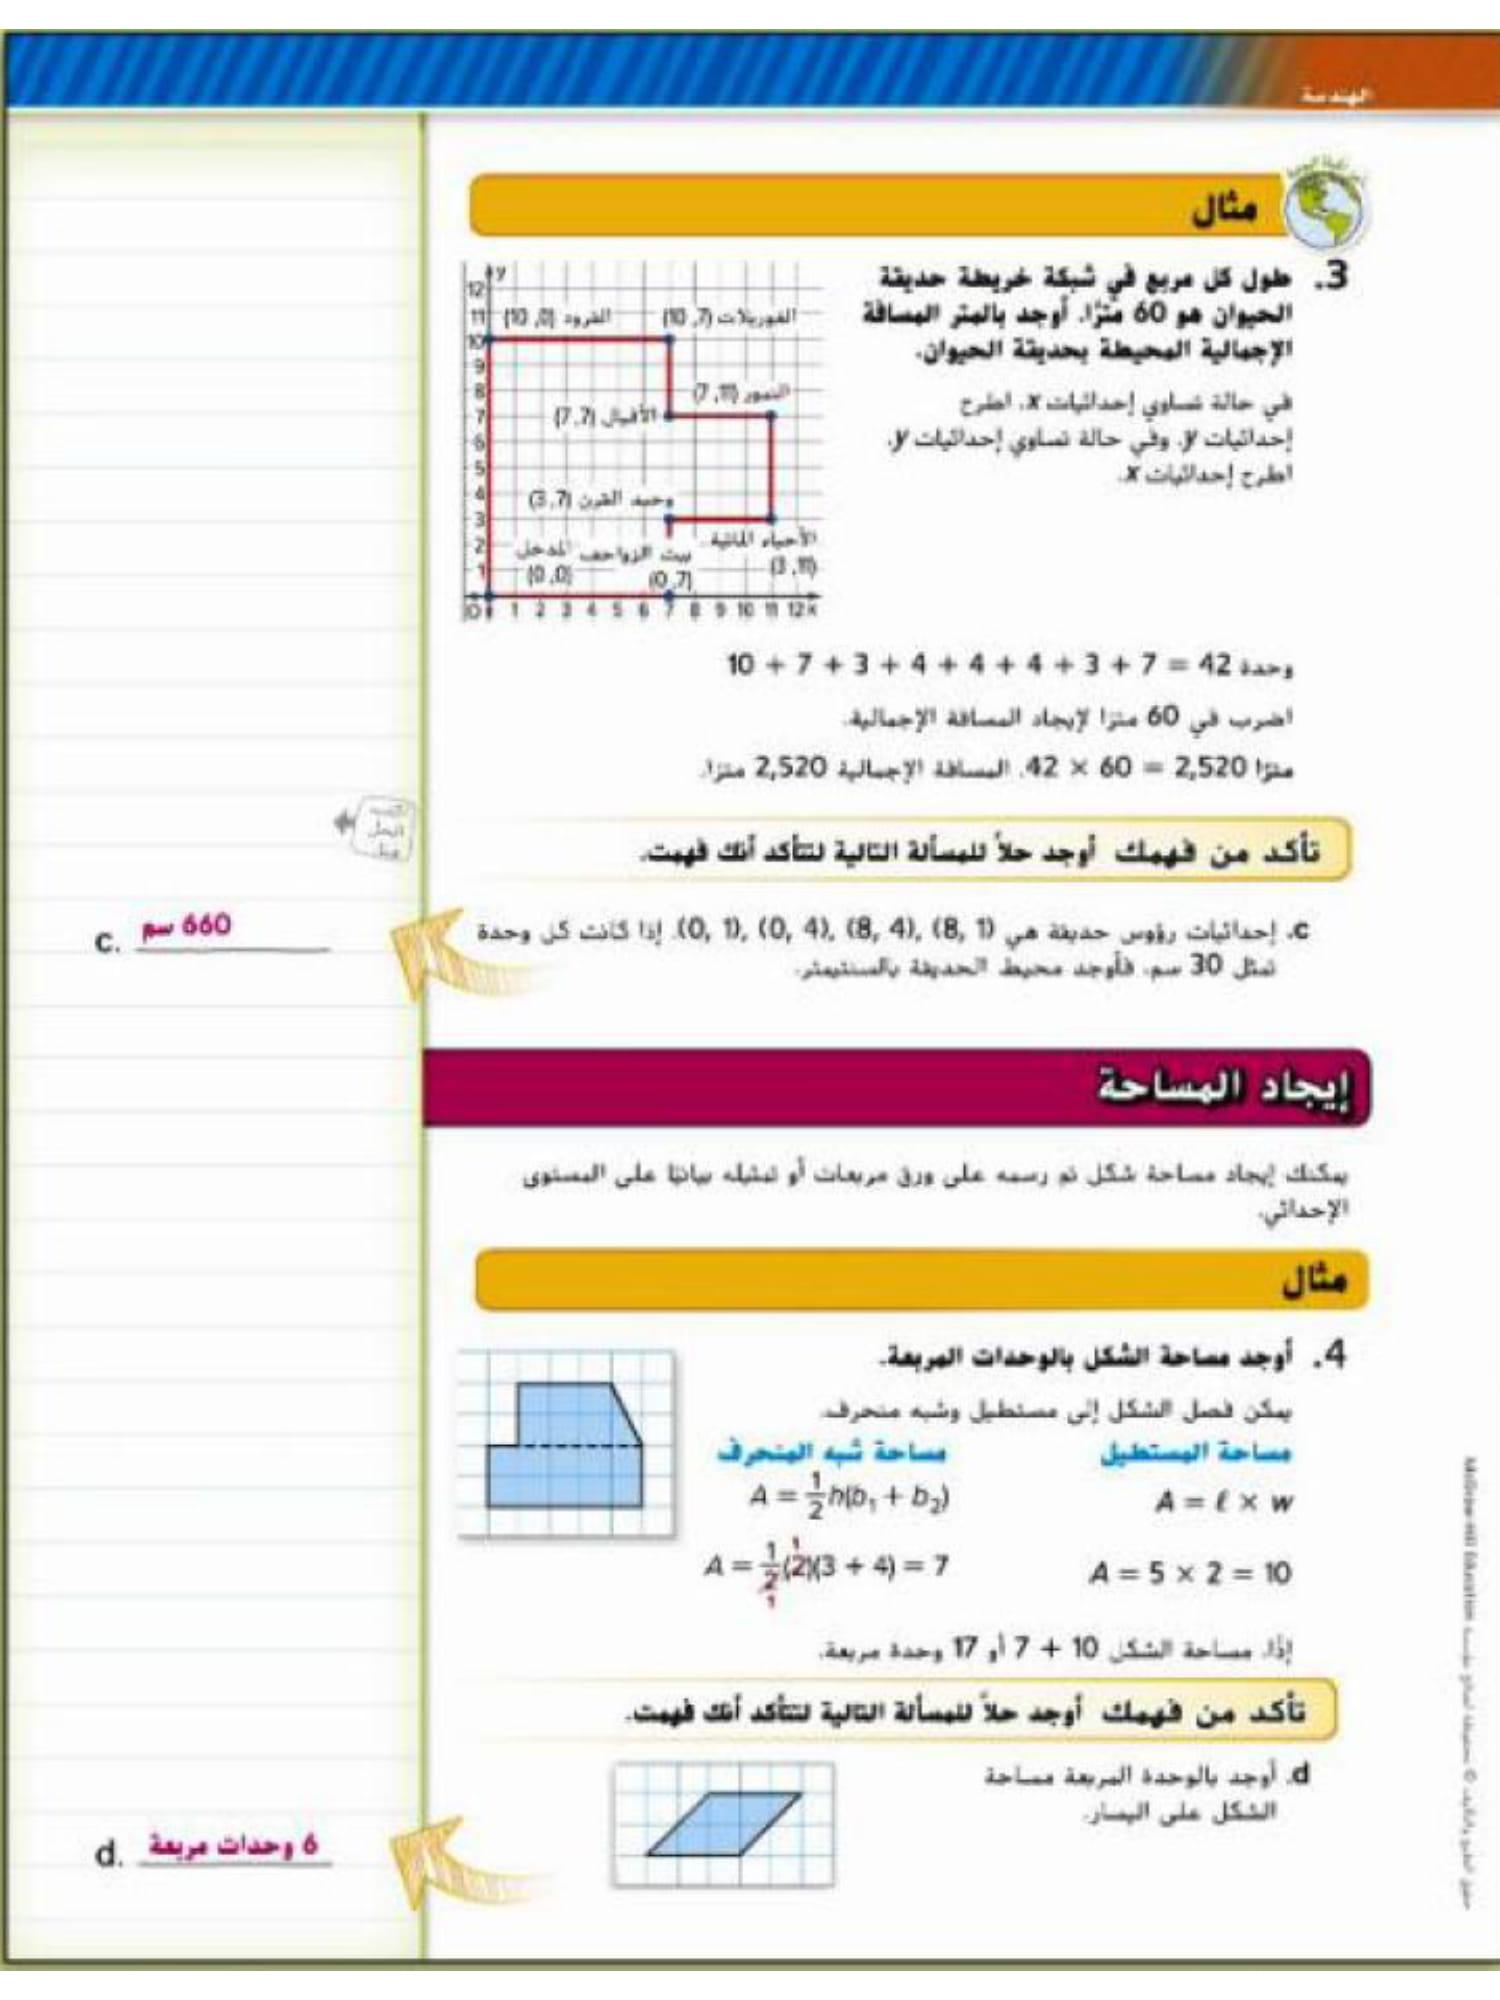 تحميل كتاب دليل المعلم رياضيات الصف الخامس